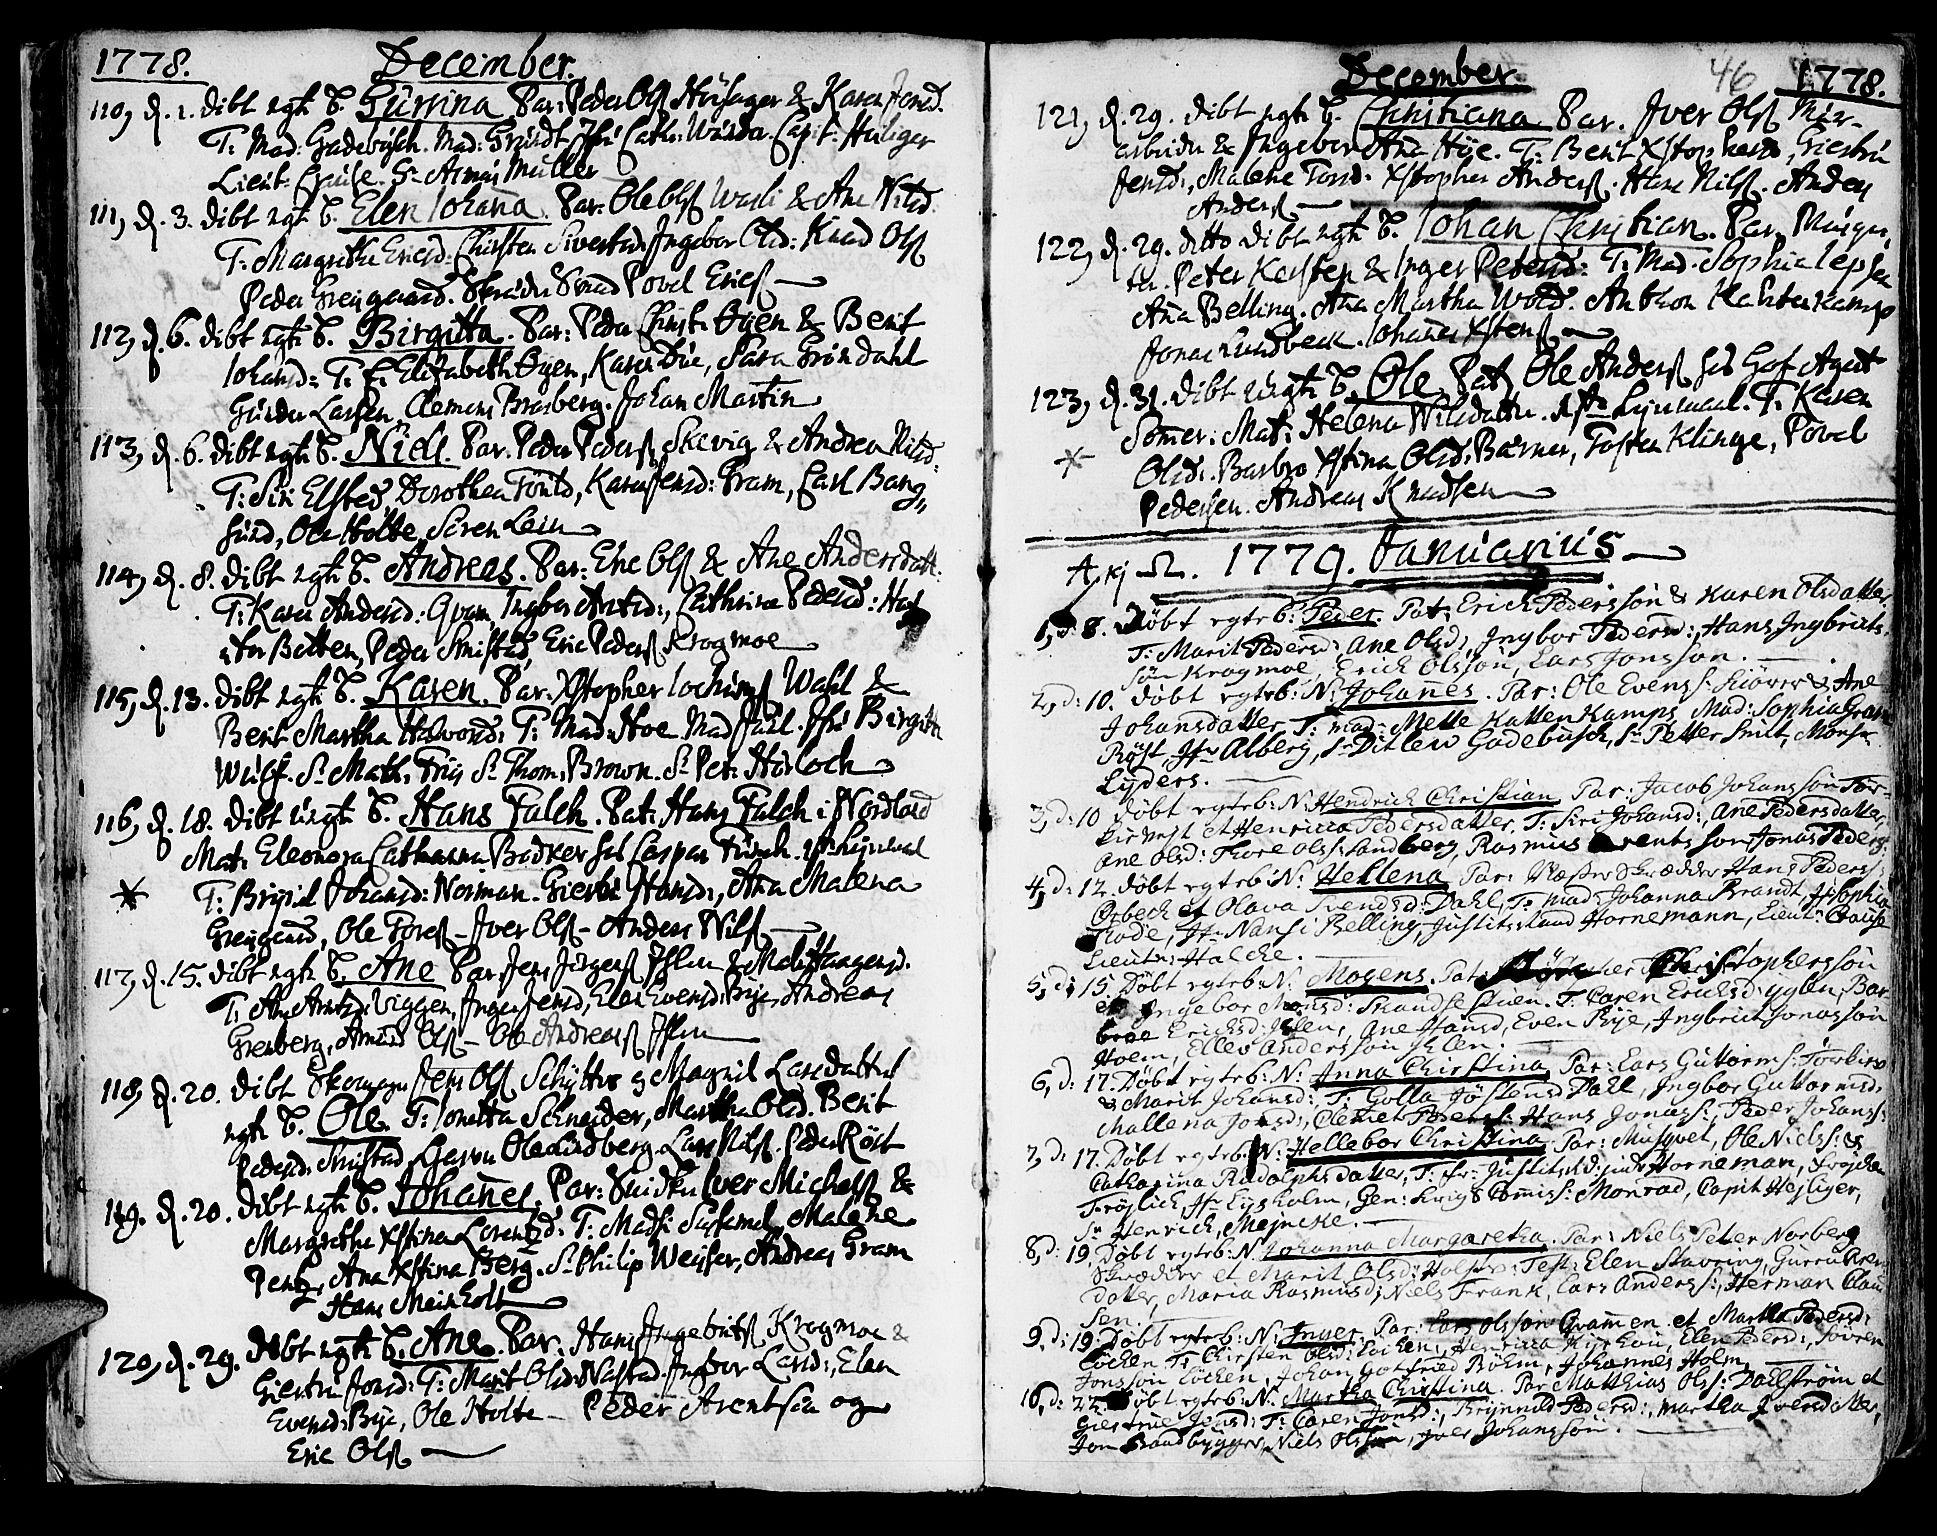 SAT, Ministerialprotokoller, klokkerbøker og fødselsregistre - Sør-Trøndelag, 601/L0039: Ministerialbok nr. 601A07, 1770-1819, s. 46